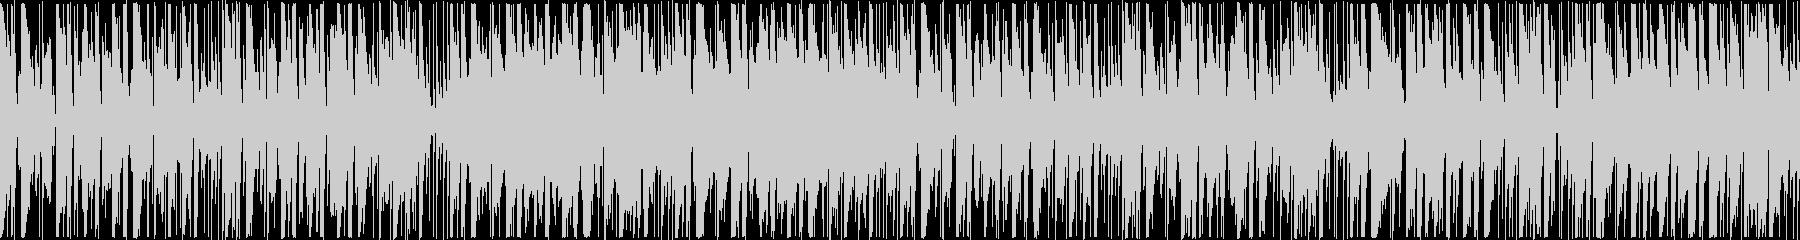 定番曲:のどかな日常[ループ]の未再生の波形